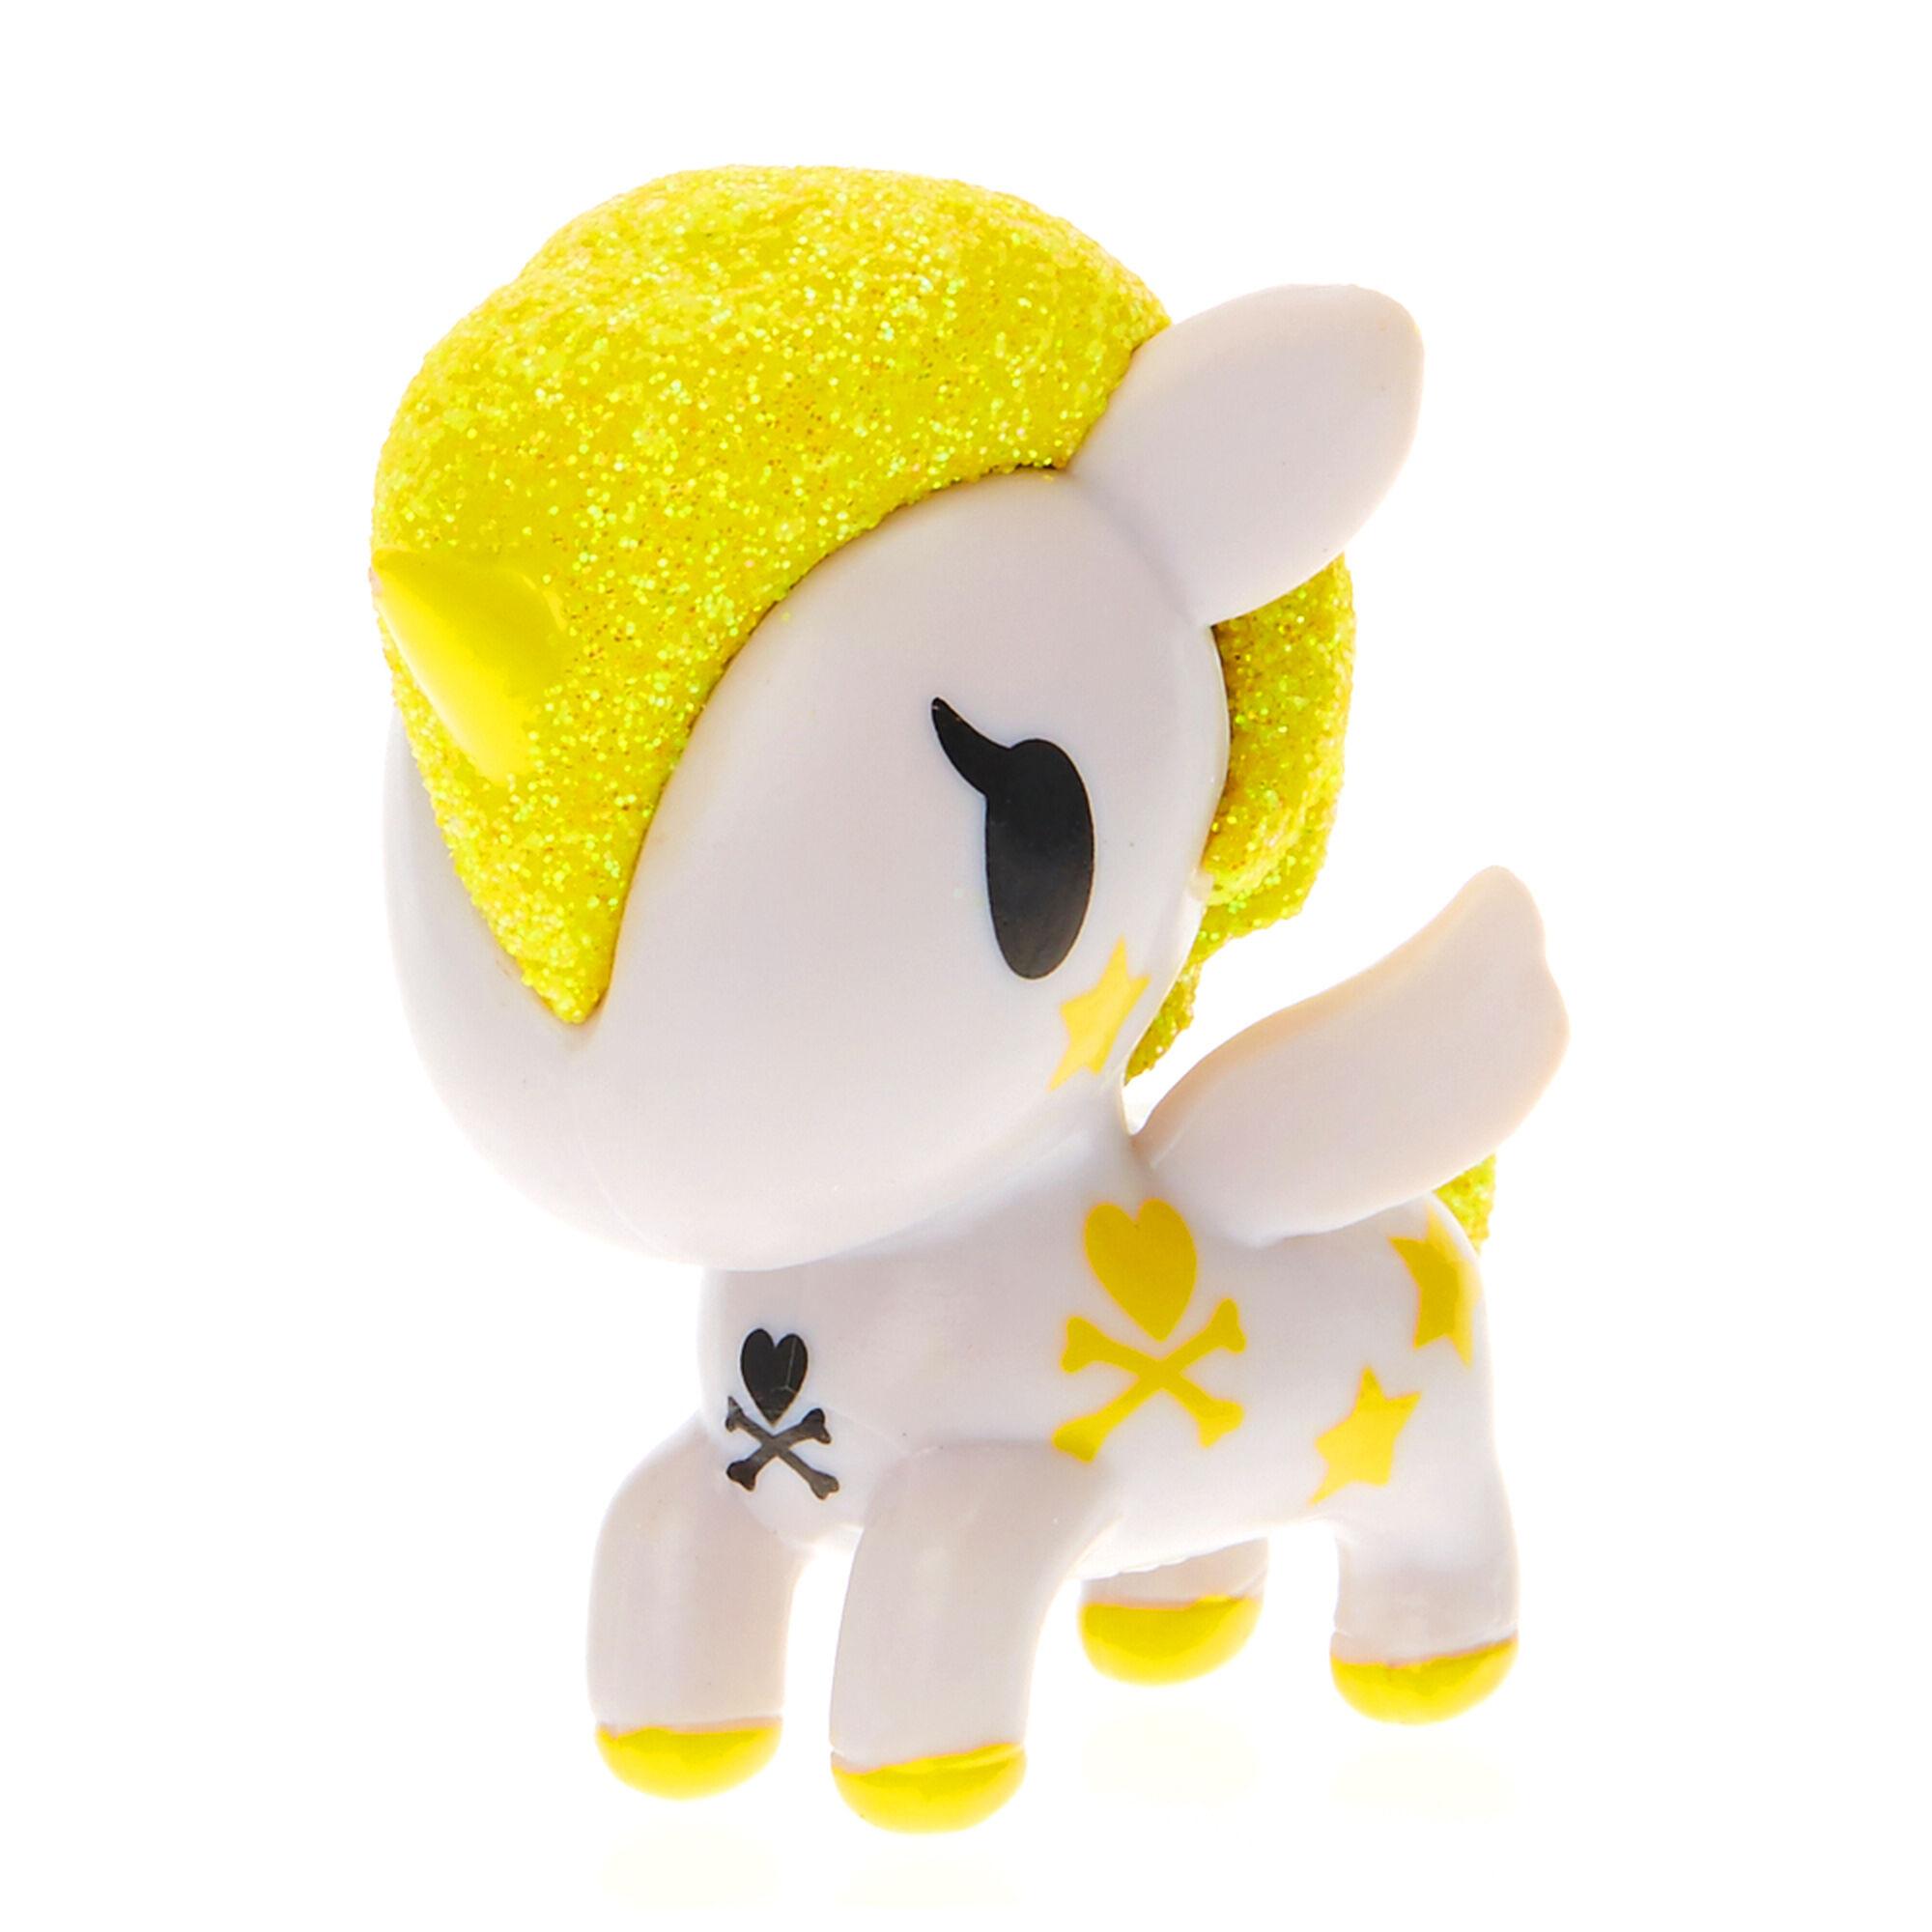 d1efac680 404 Not Found · Tokidoki Unicorno Kaili: Tokidoki Unicorno Celeste Neon  Series 1 Action Figure